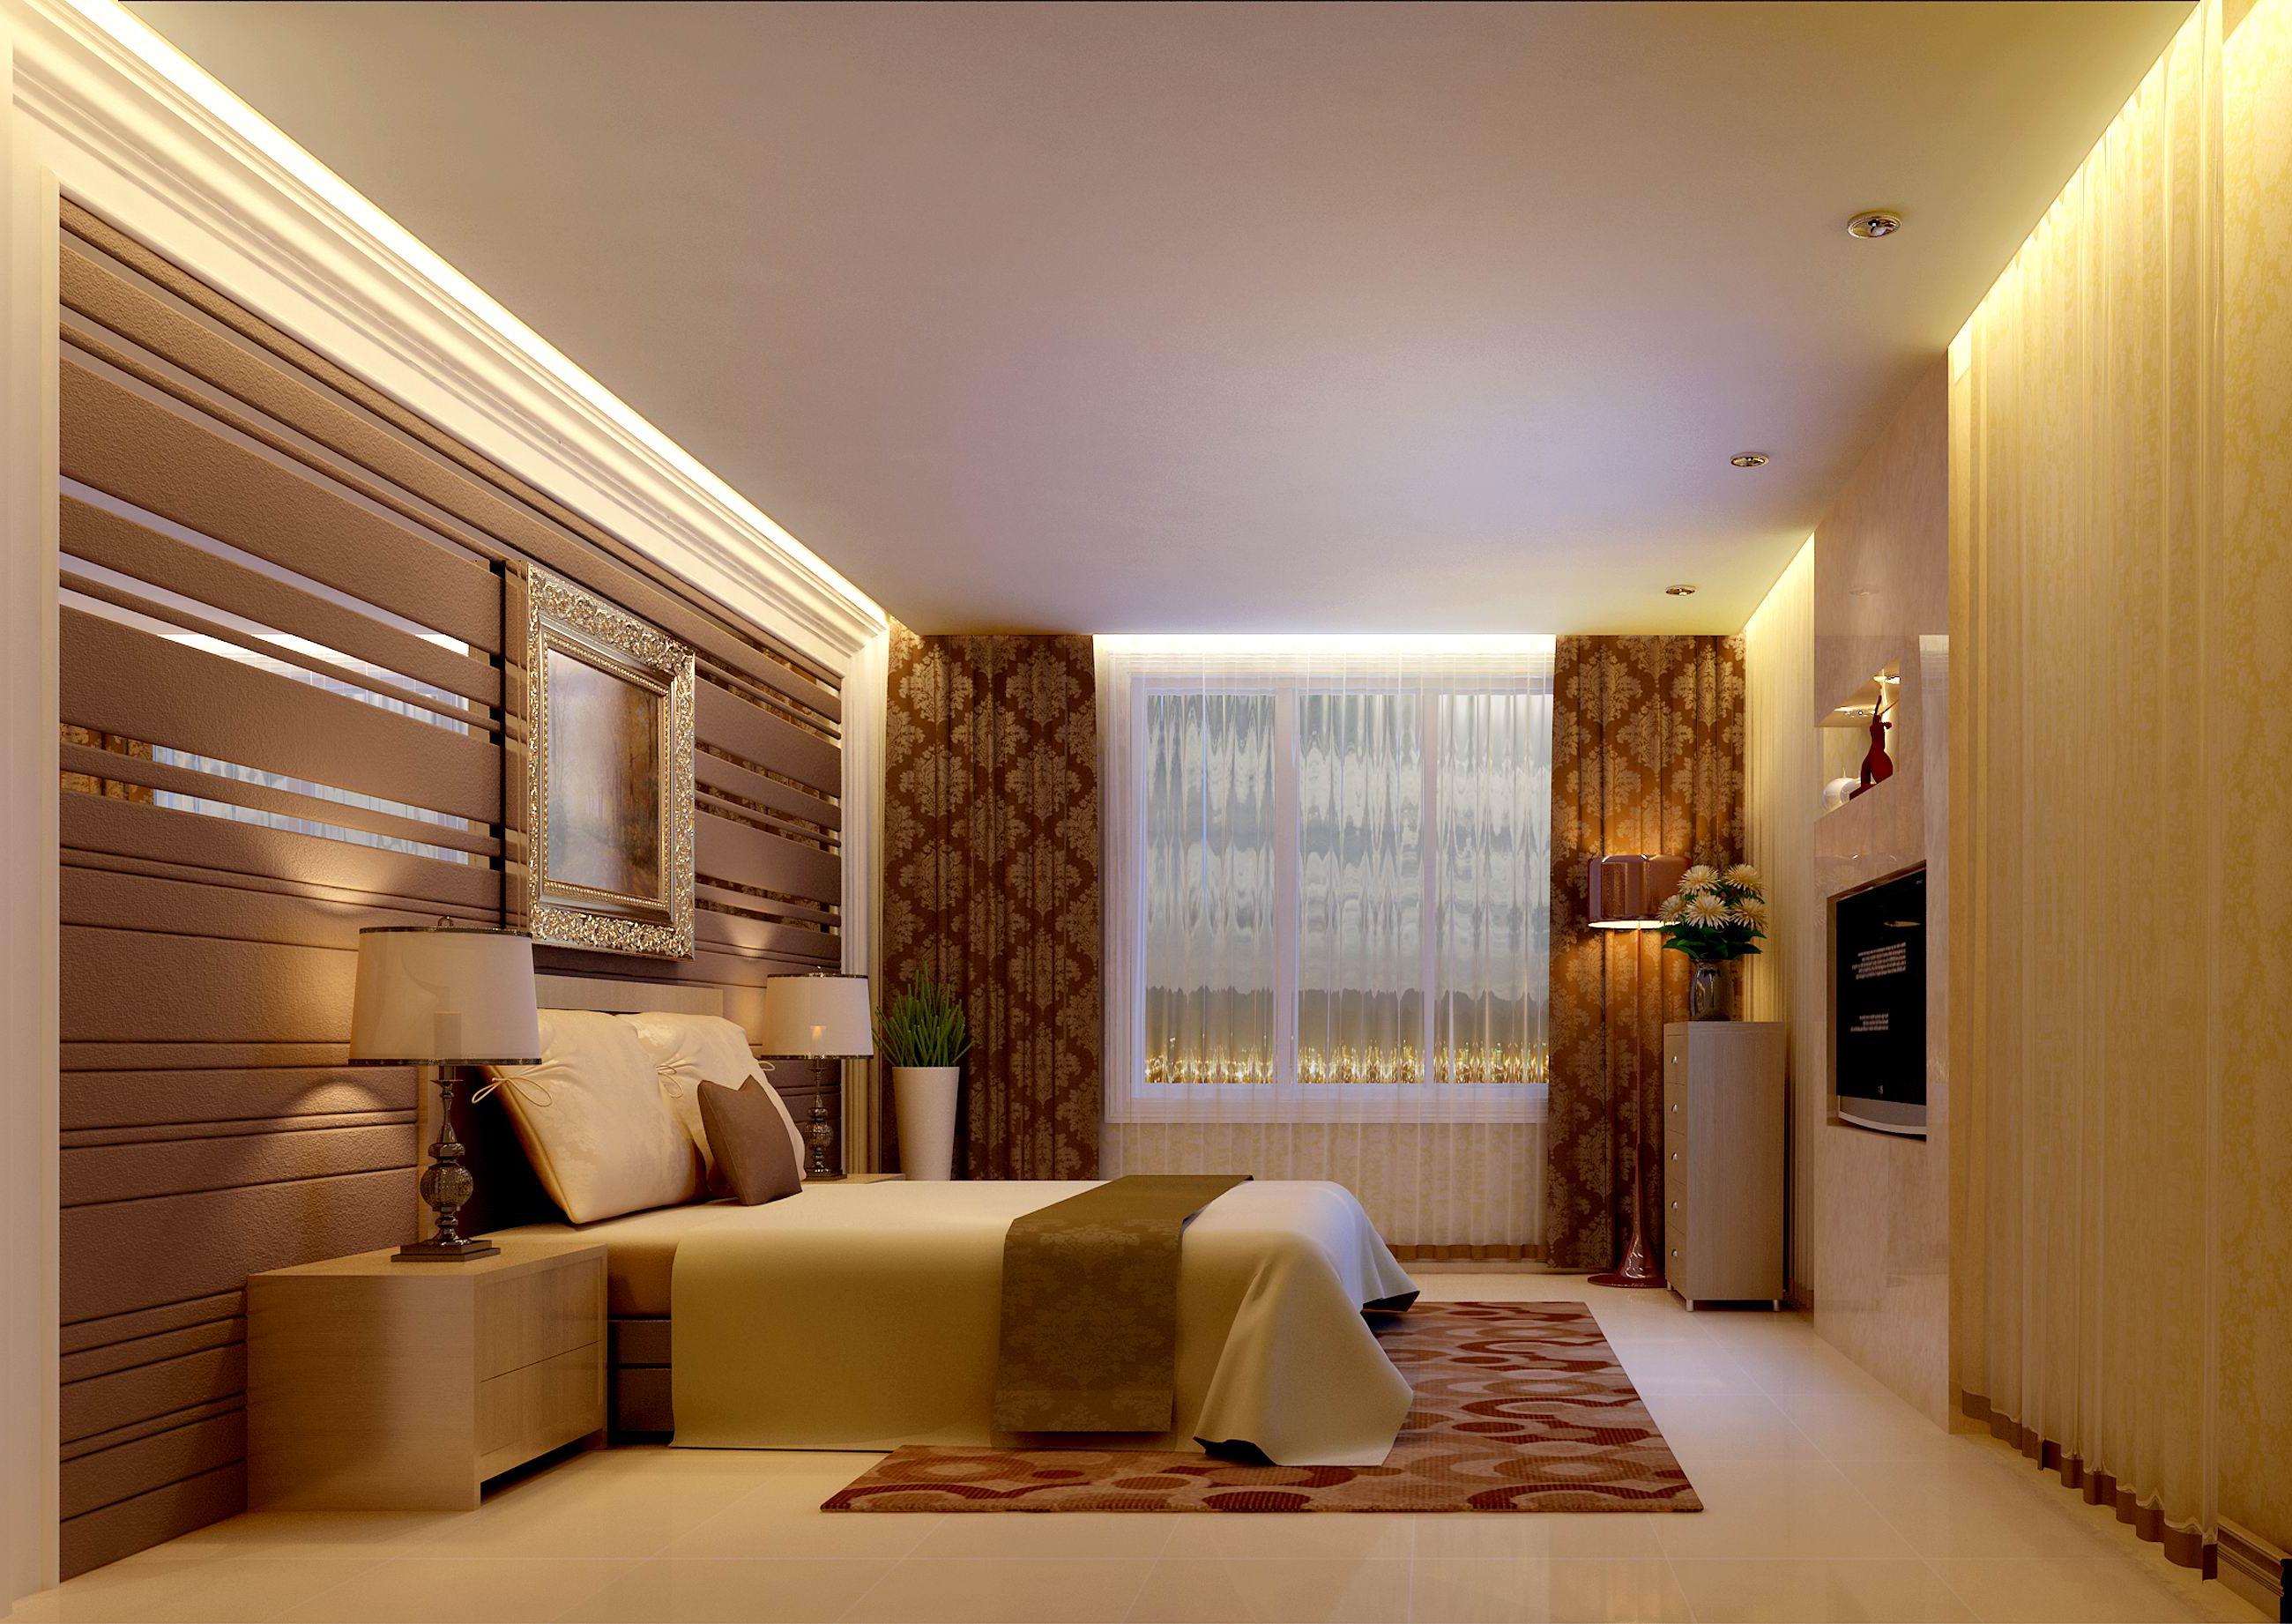 升龙国际 三居 现代 装修效果图 卧室图片来自夏曼在升龙国际中心小区三居 现代风格的分享